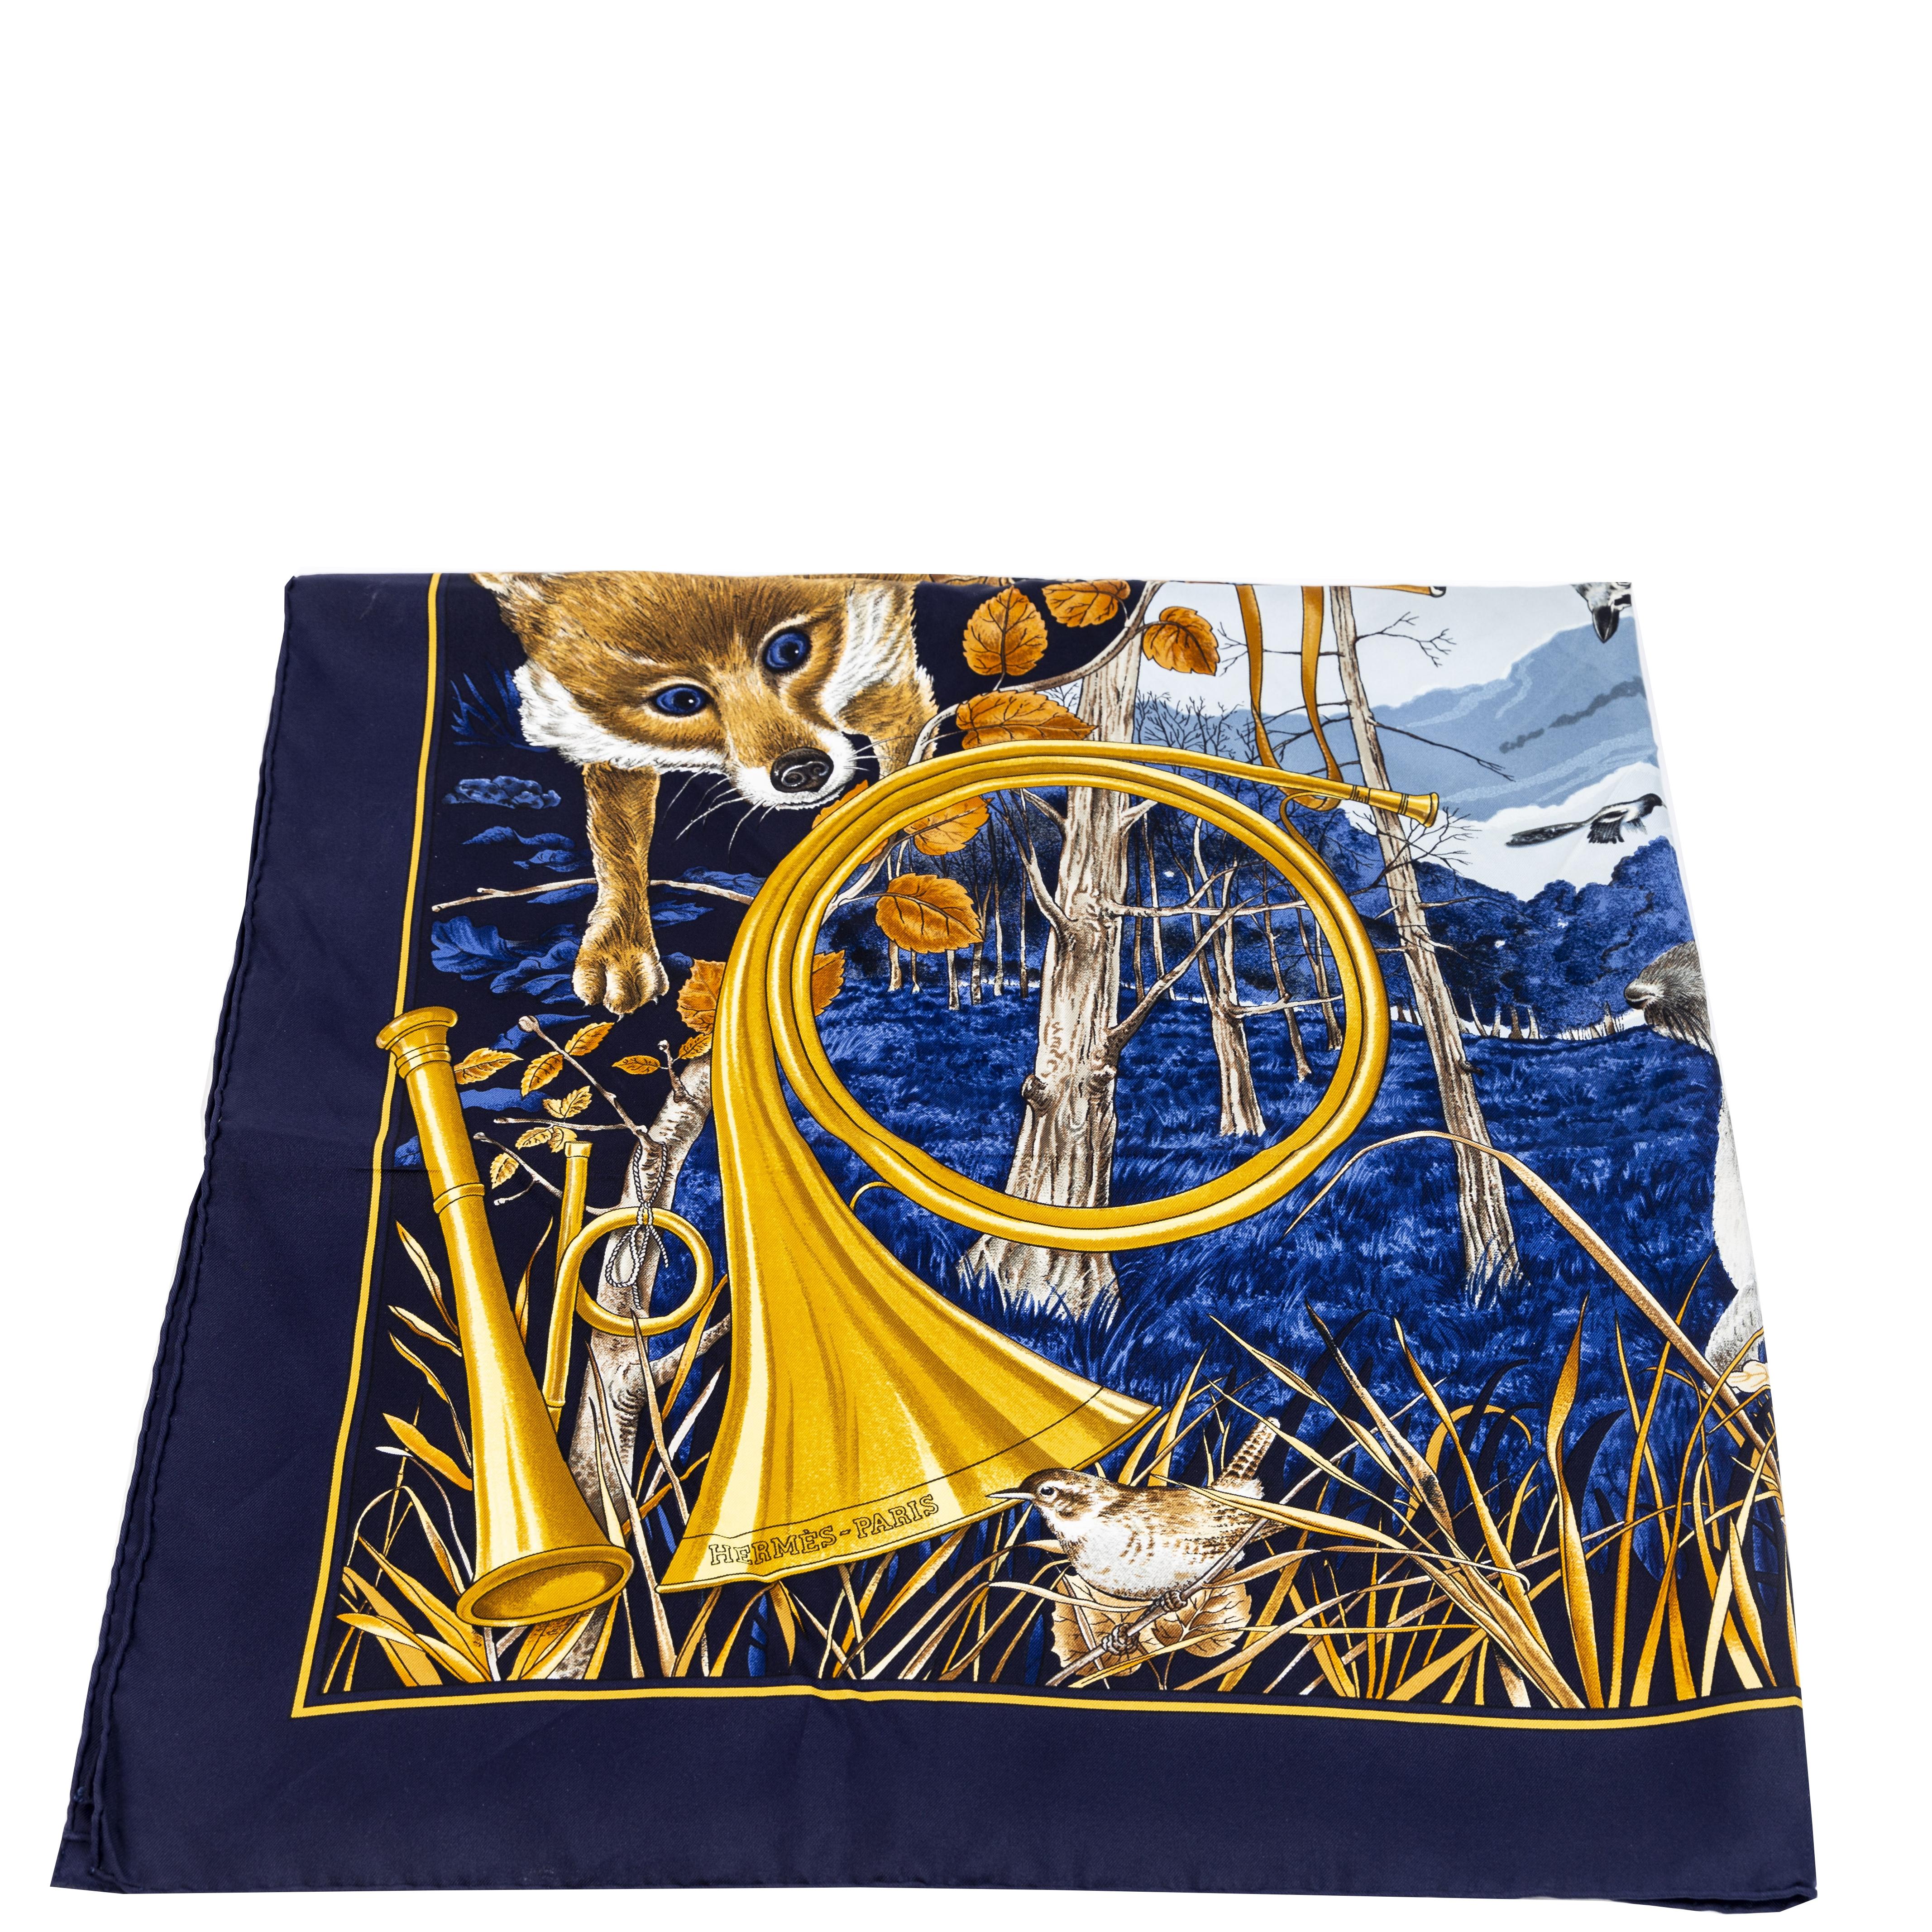 achetere en ligne seconde main Hermès Carré Silk Scarf Chasse Au Bois